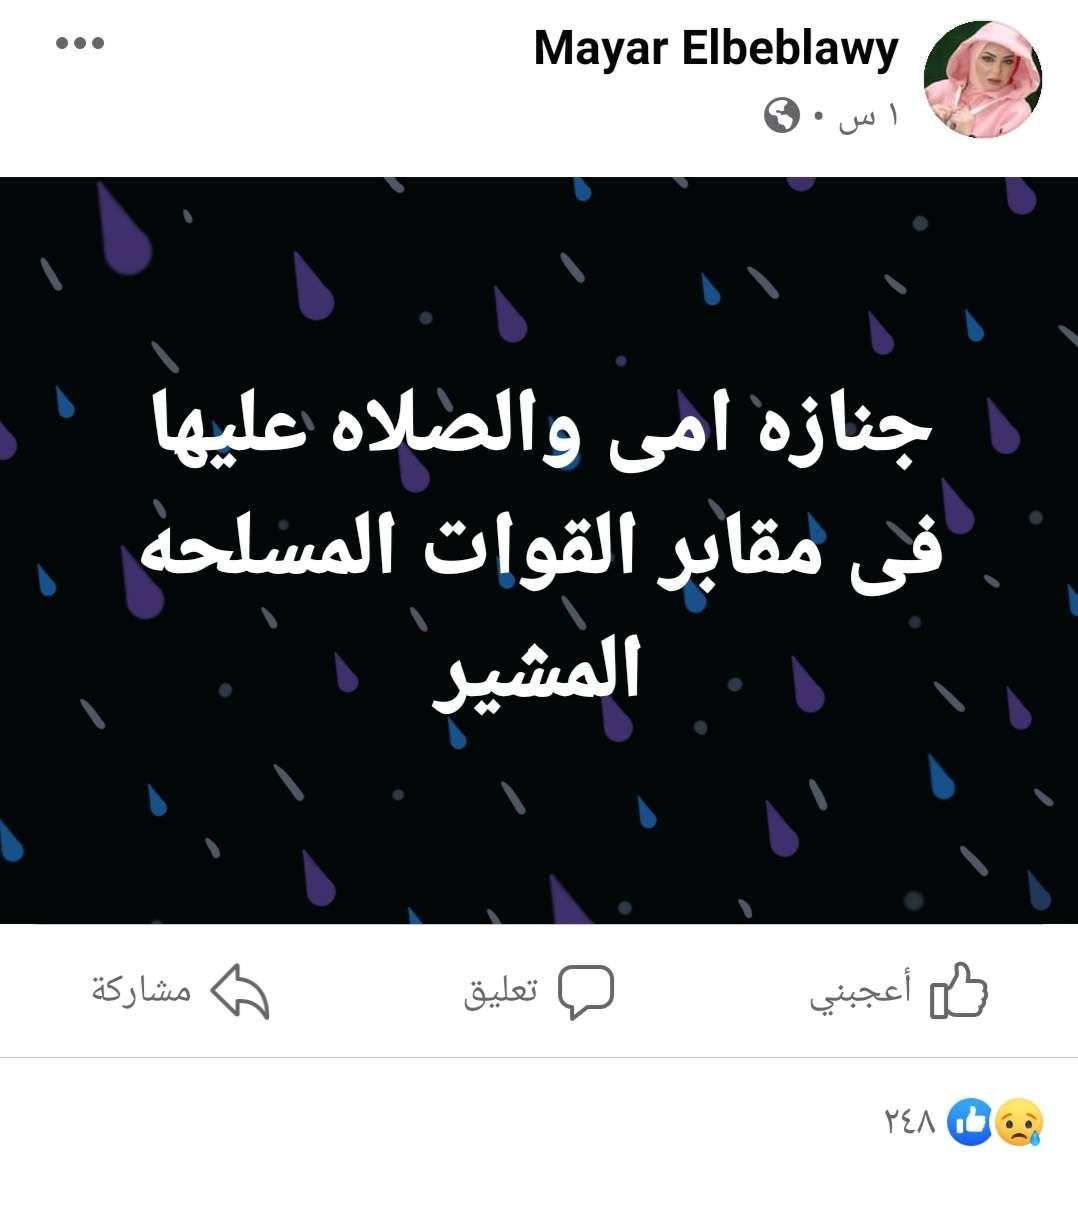 دفن والدة ميار الببلاوي في مقابر القوات المسلحة بمدينة نصر